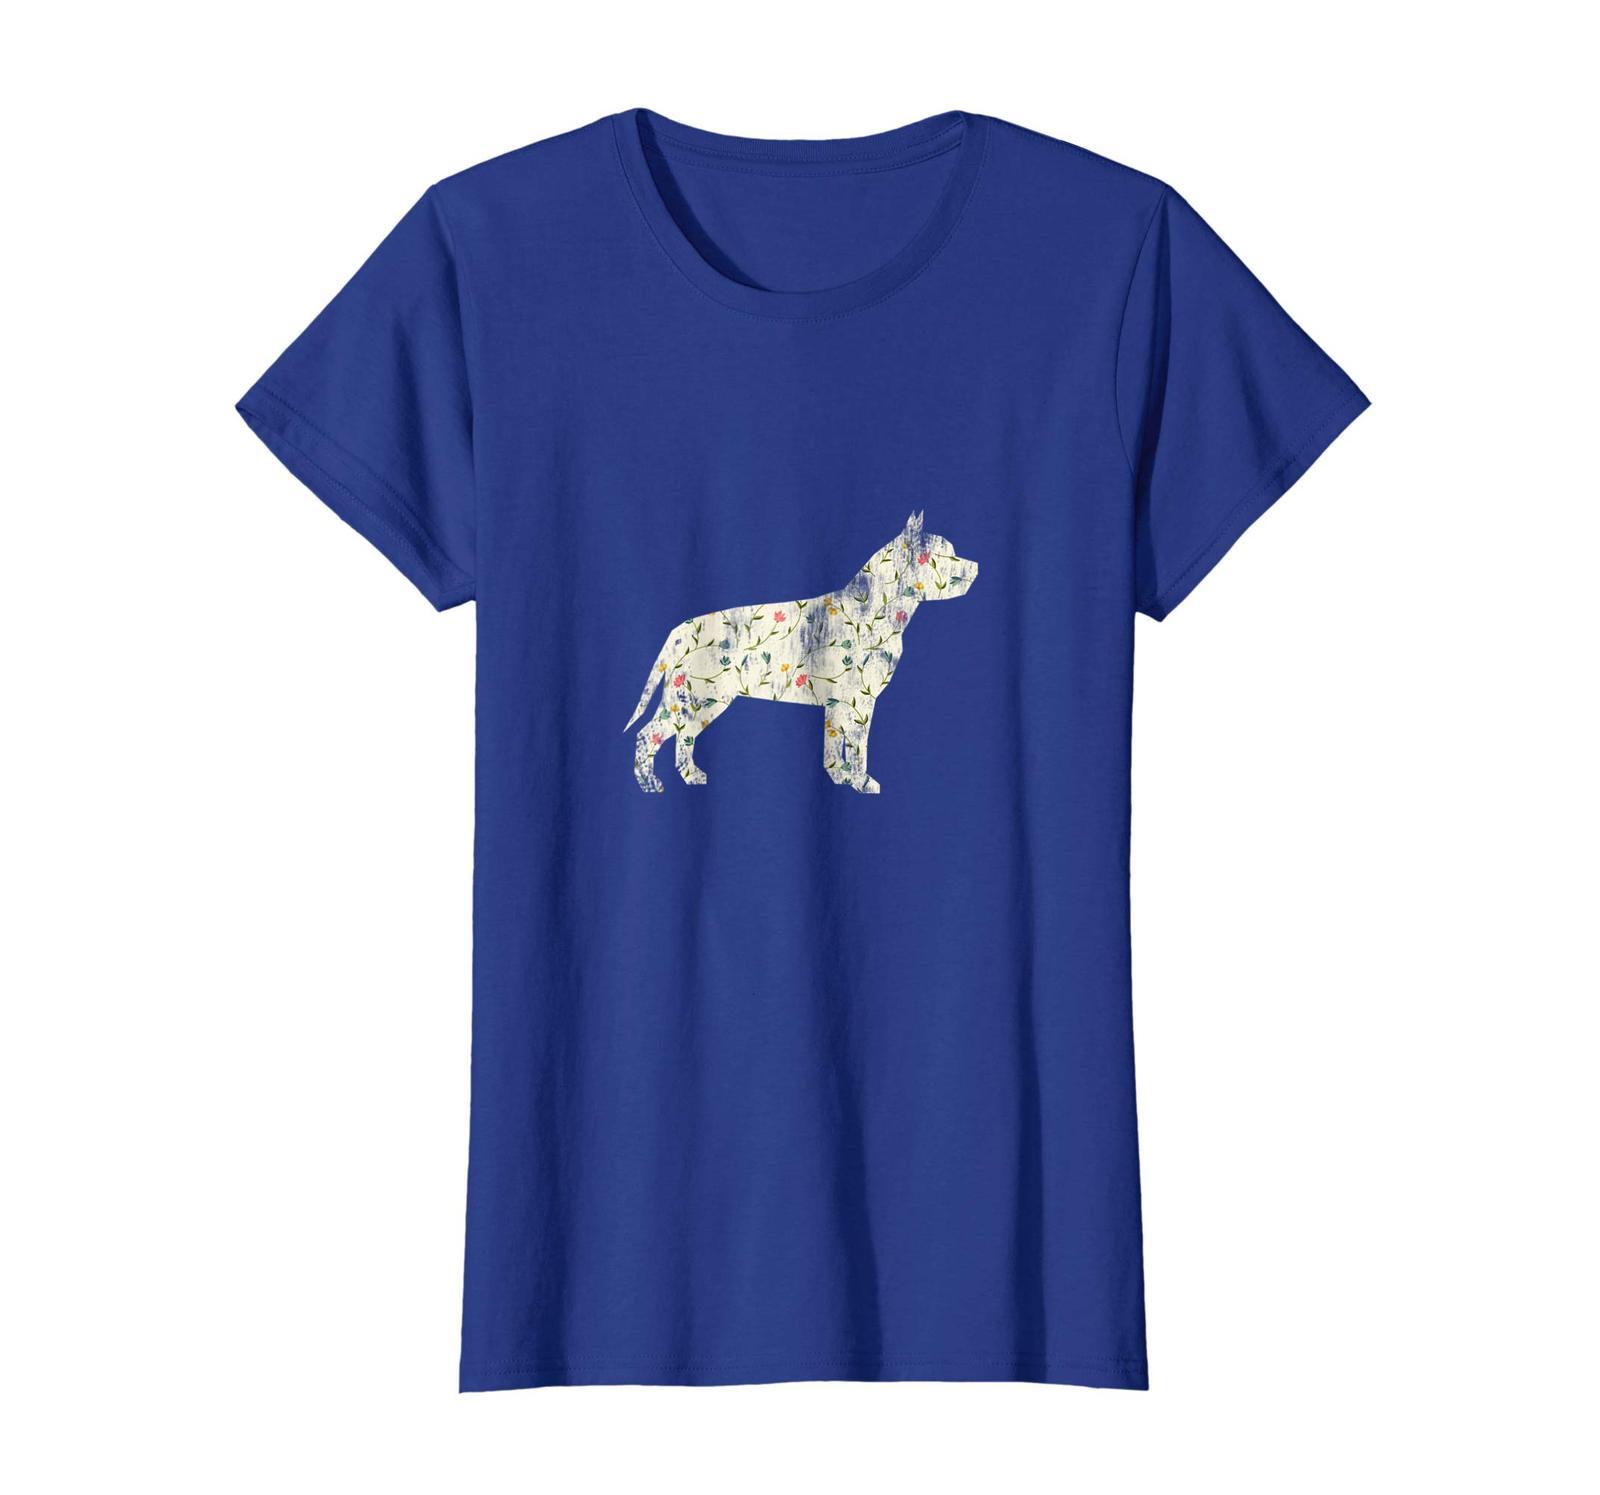 Dog Fashion - Vintage Floral Pitbull Shirt Dog Lover Dog Owner Gift Wowen image 3